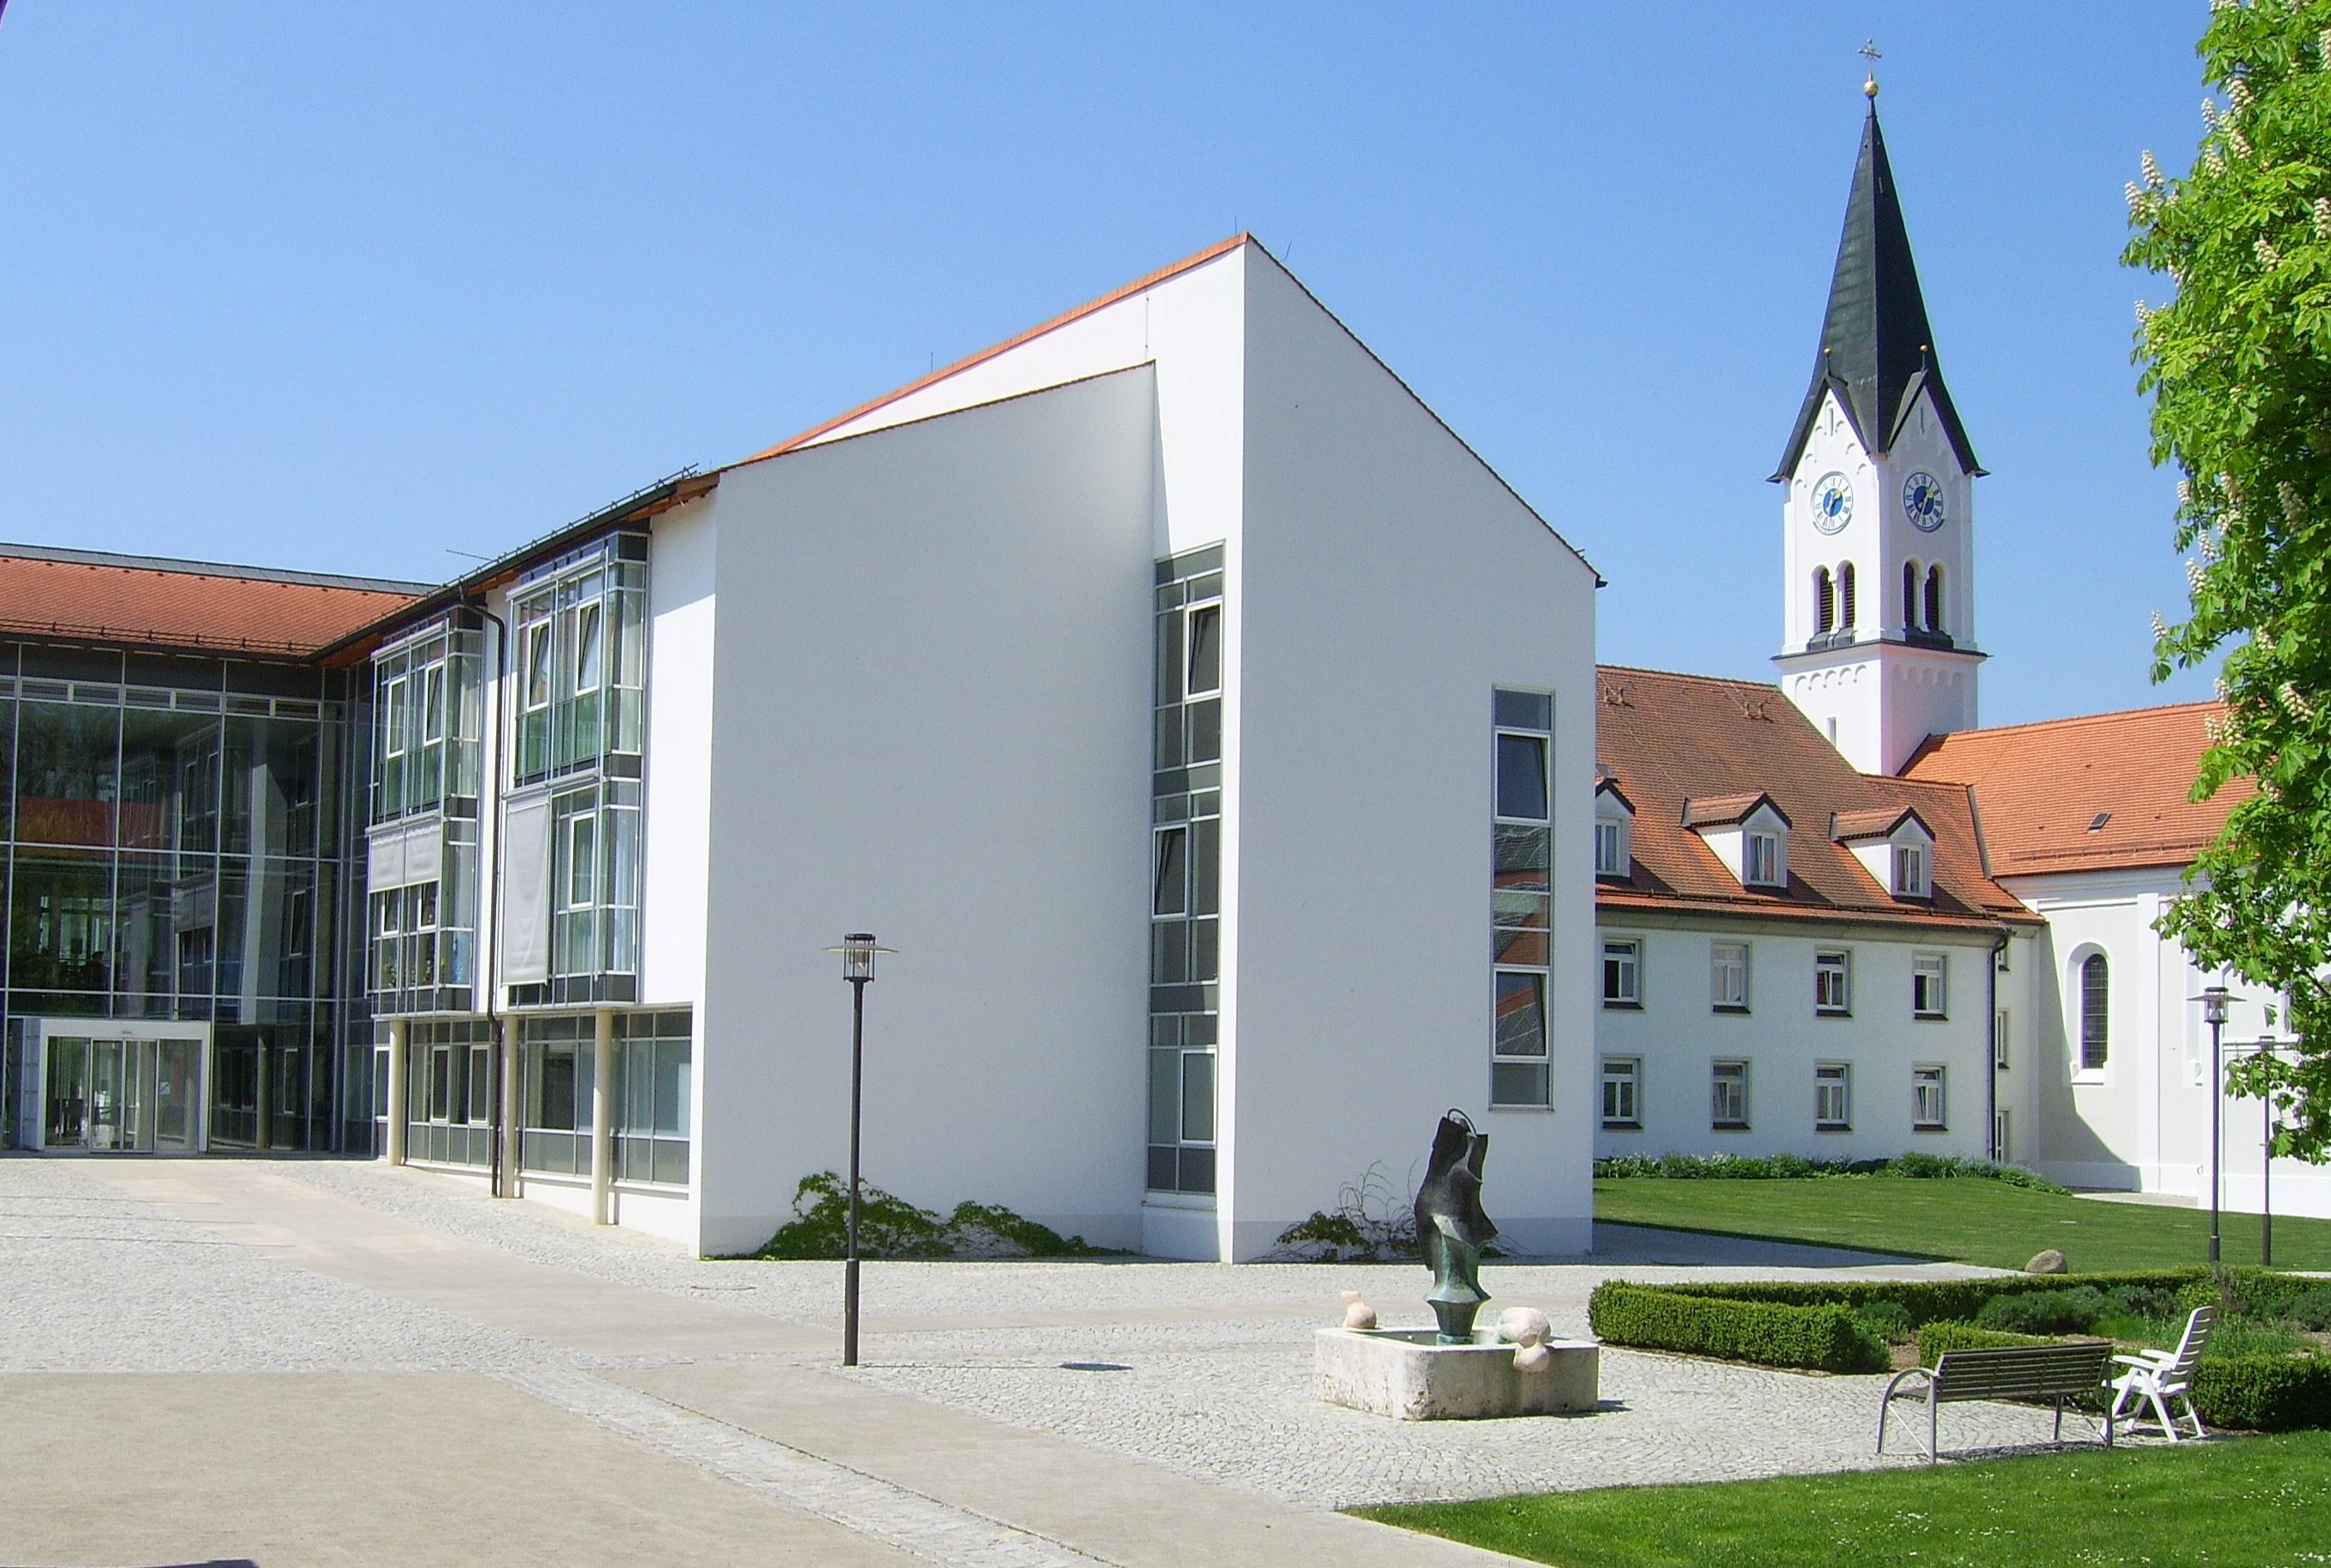 Alten- und Pflegeheim Spitalstiftung Pattendorf